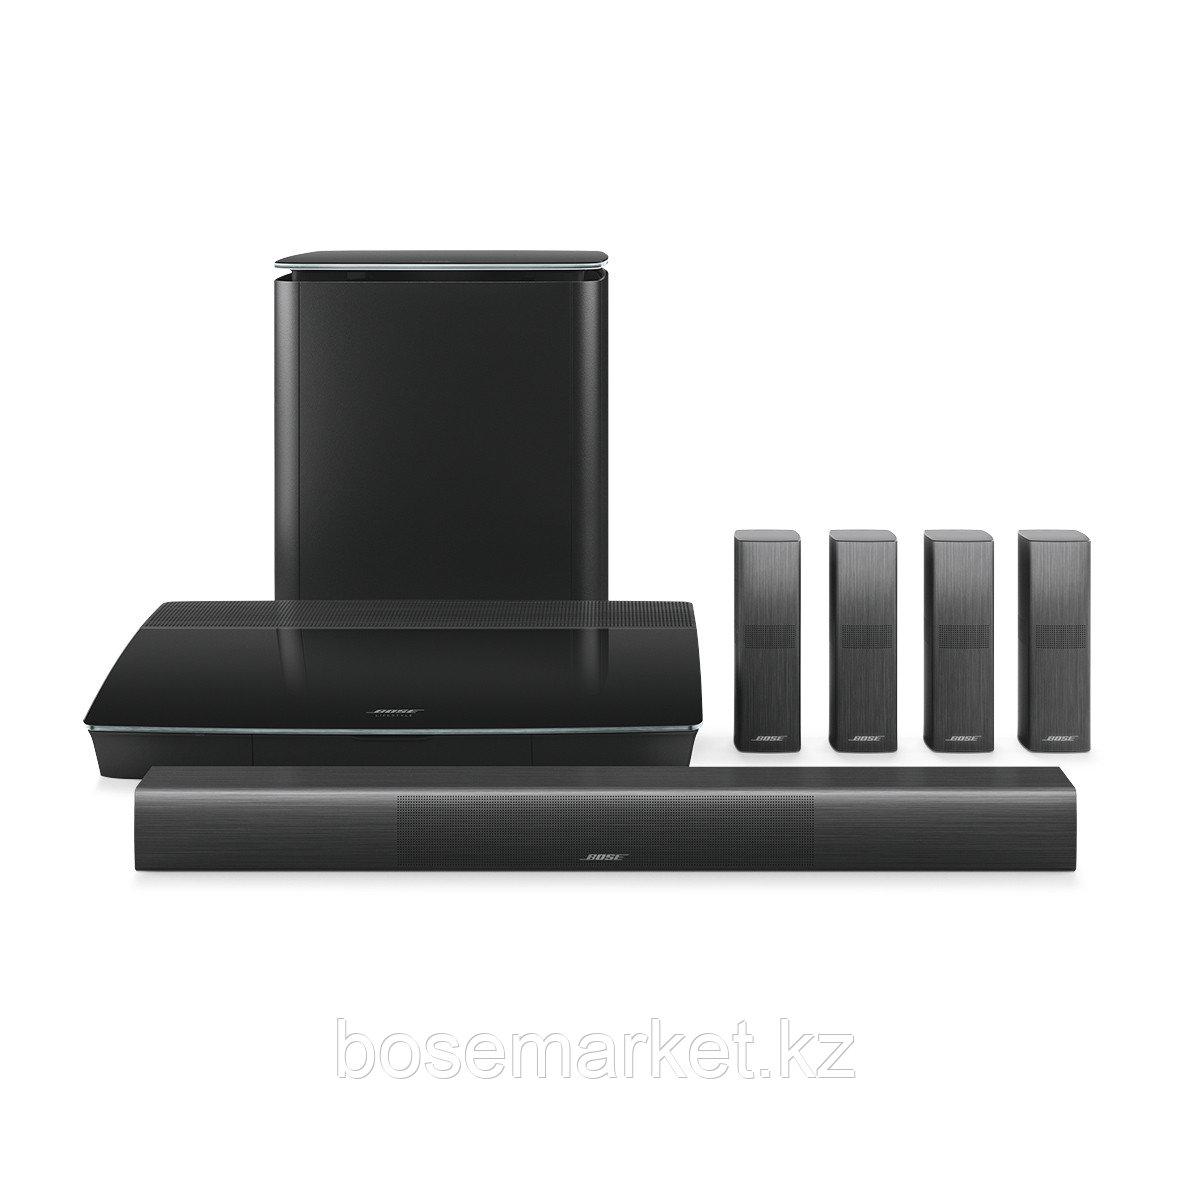 Домашний кинотеатр Bose Lifestyle 650 черный